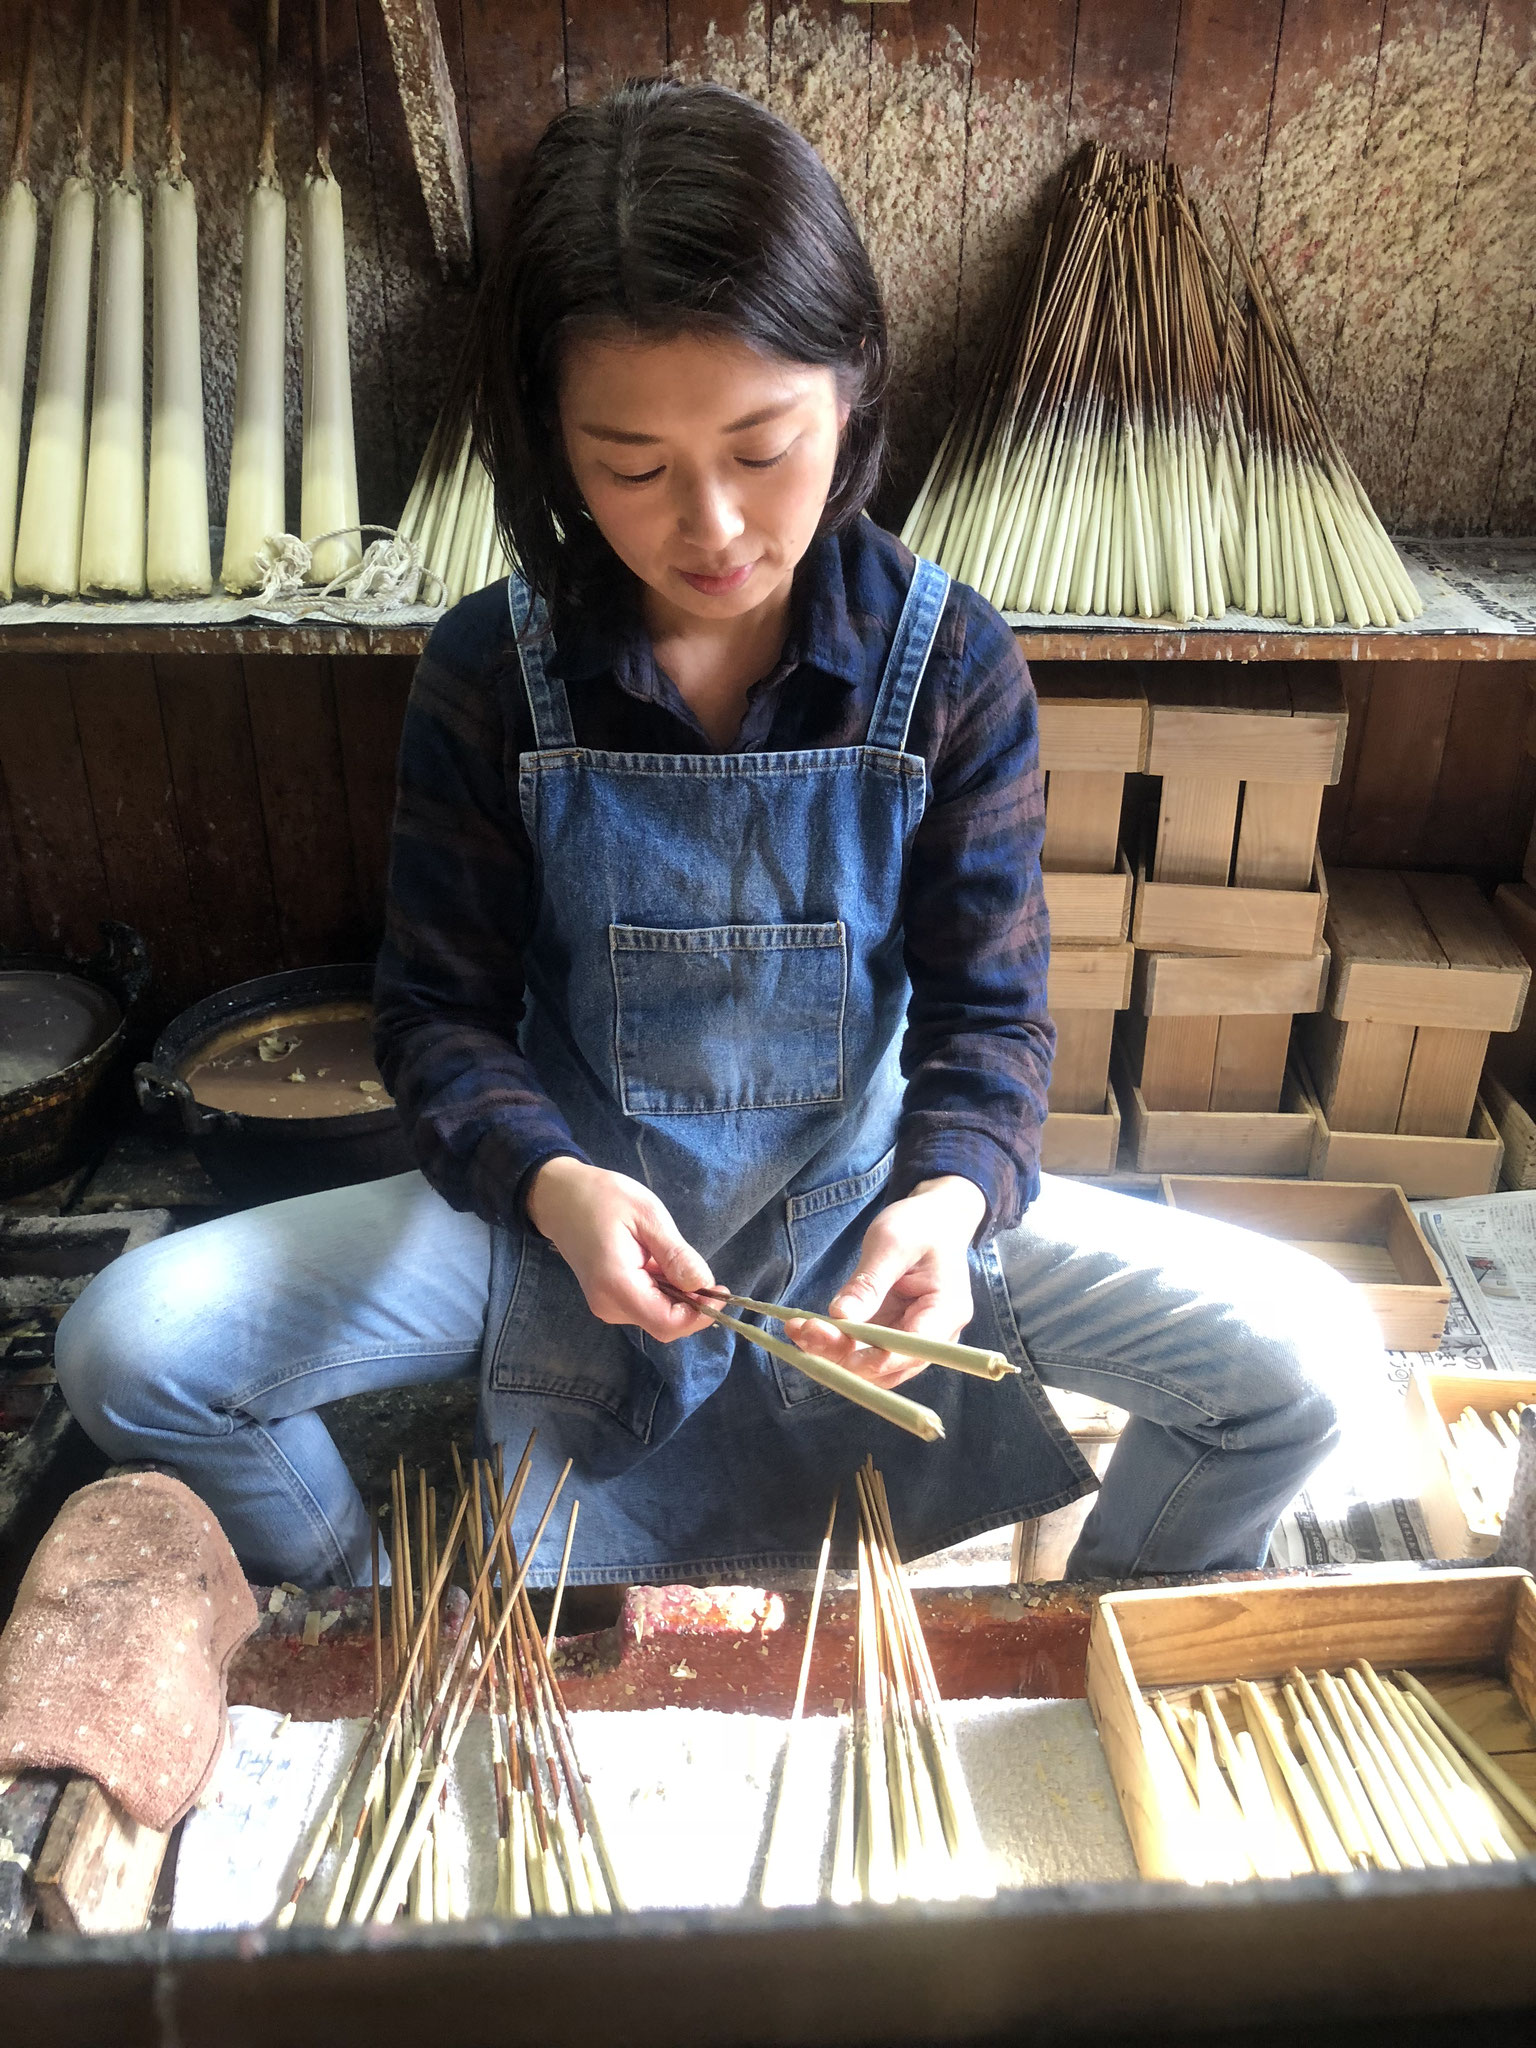 年輪模様ができる全行程手作りの和ろうそくを製作する4代目和ろうそく職人